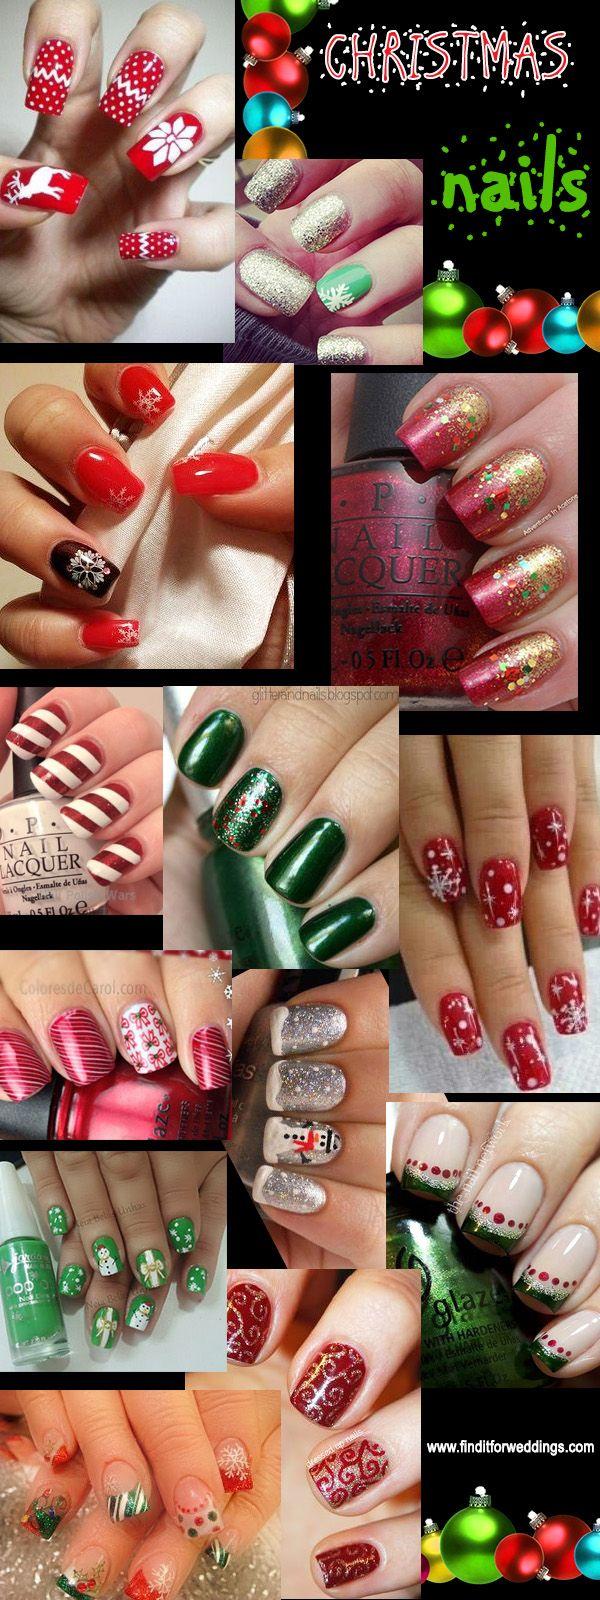 Christmas nail designs Striped nails www.finditforweddings.com Nail Art Snowflake nails